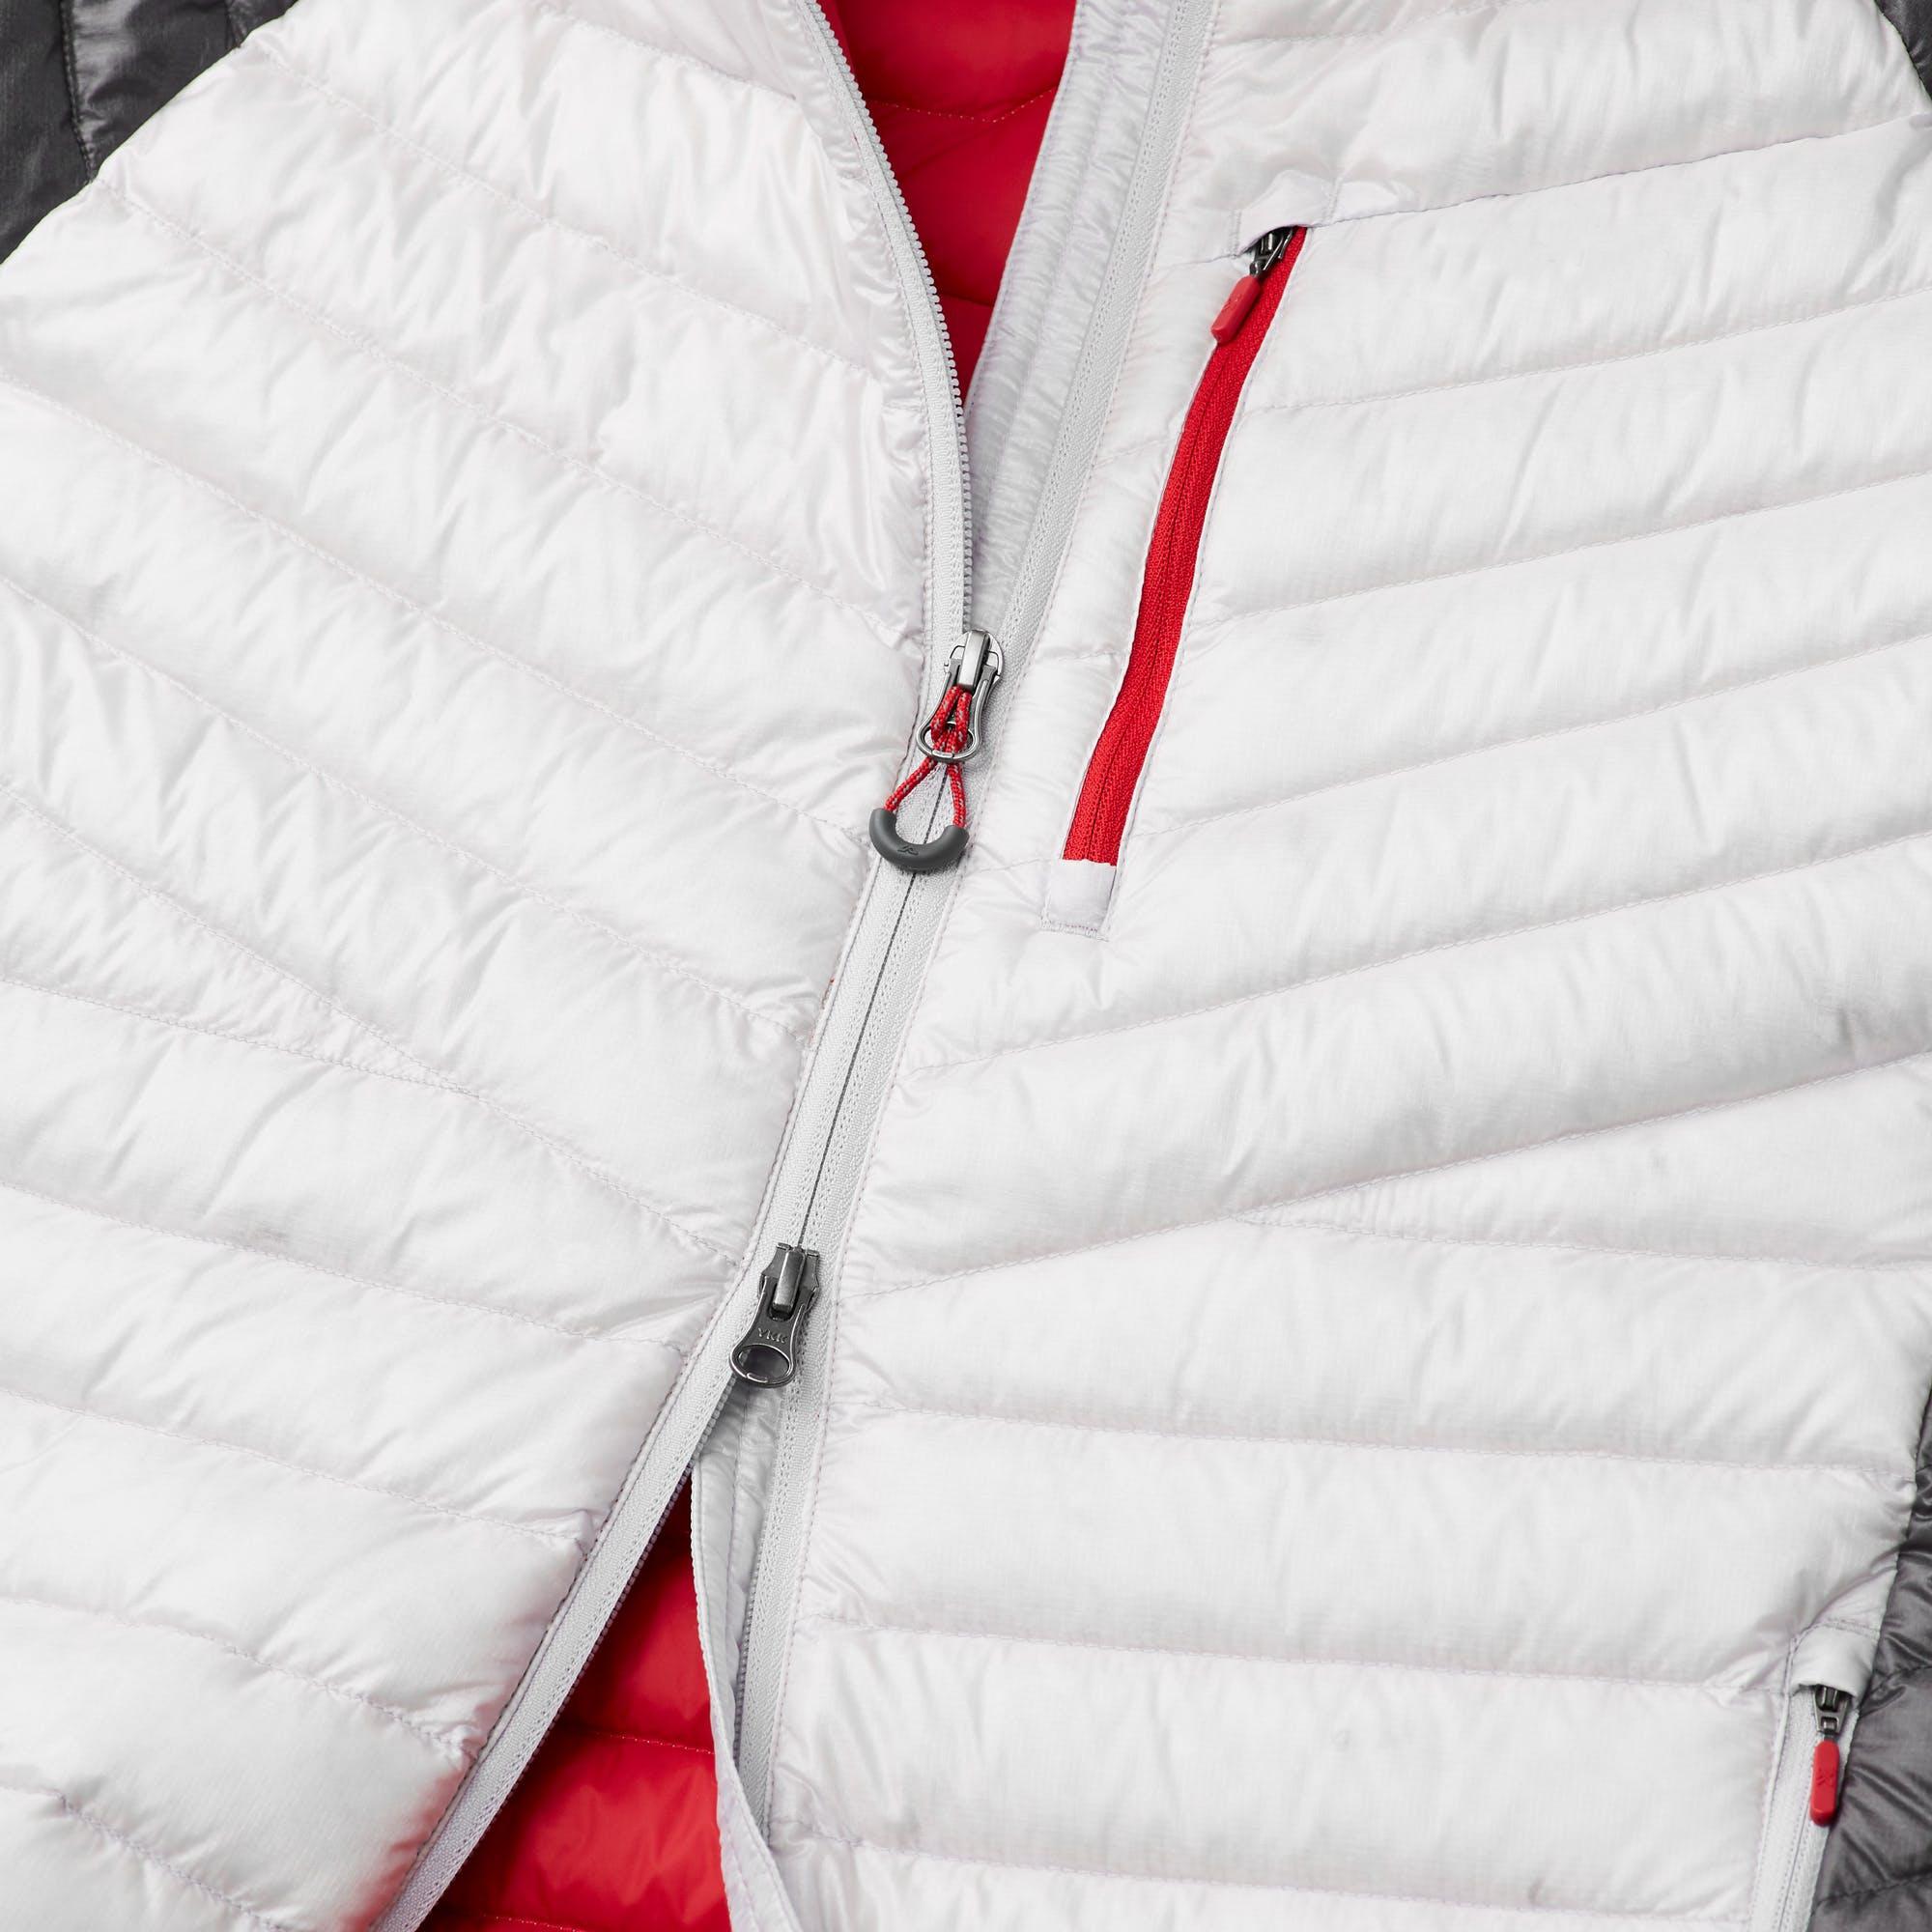 XT Ultralight Men's Down Jacket Manufacturers, XT Ultralight Men's Down Jacket Factory, Supply XT Ultralight Men's Down Jacket